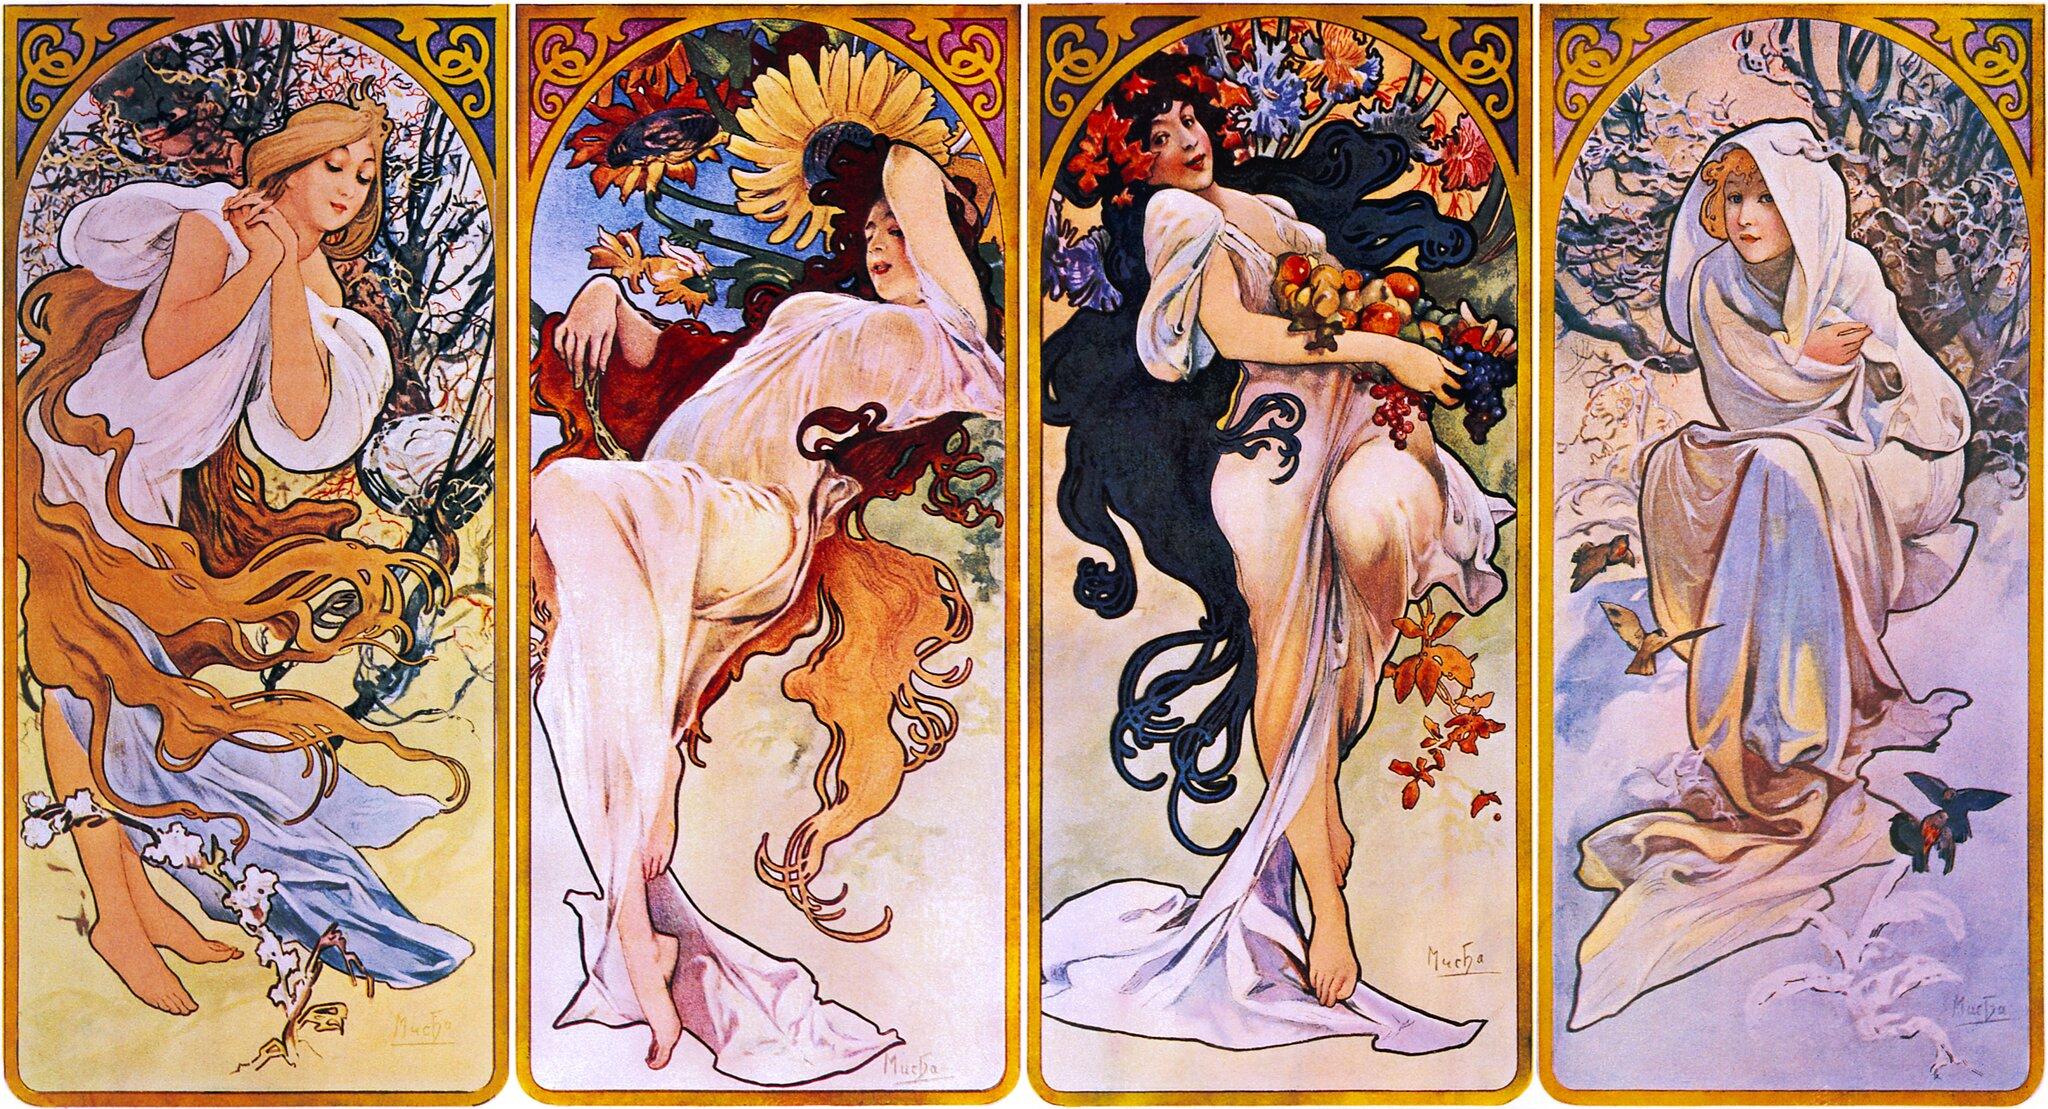 Cztery pory roku Źródło: Alfons Mucha, Cztery pory roku, 1895.